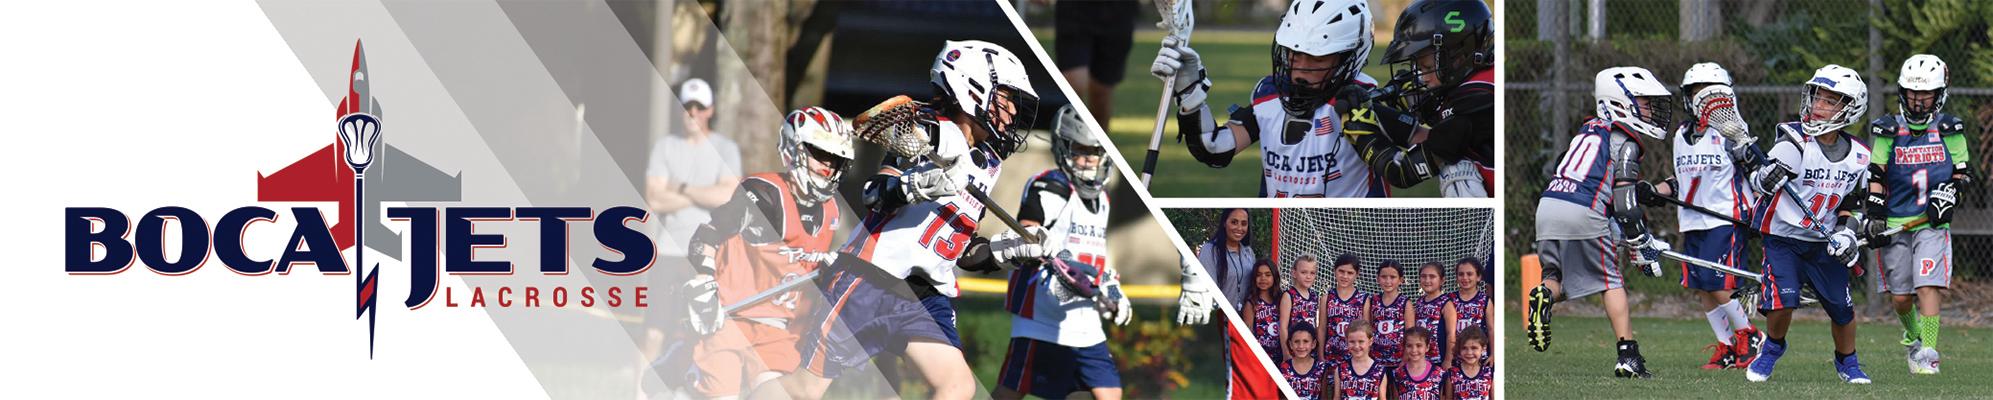 Boca Jets Lacrosse, Lacrosse, Goal, Field